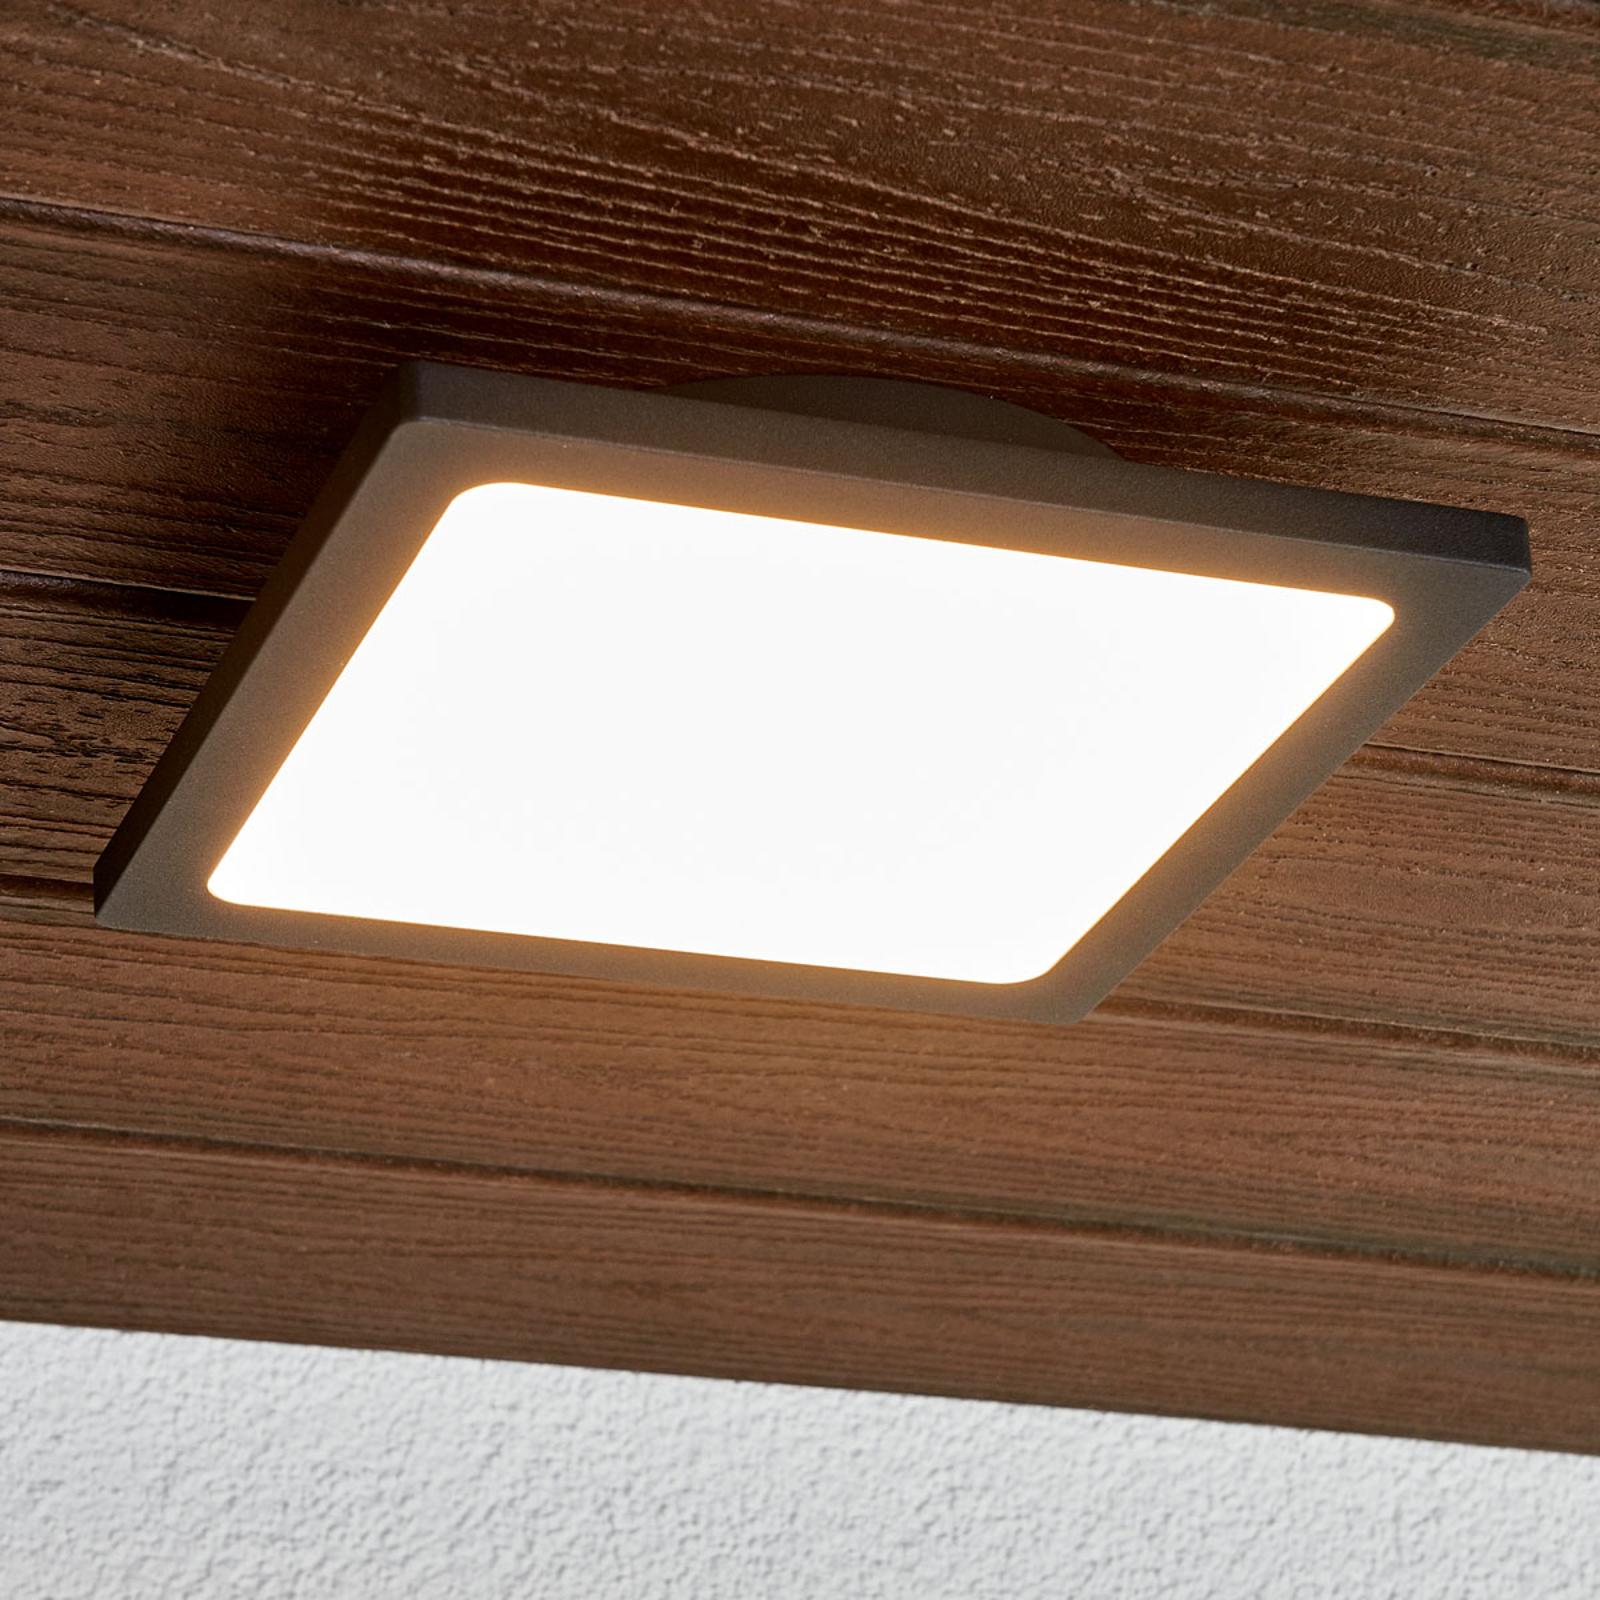 LED-Außendeckenlampe Mabella in Dunkelgrau